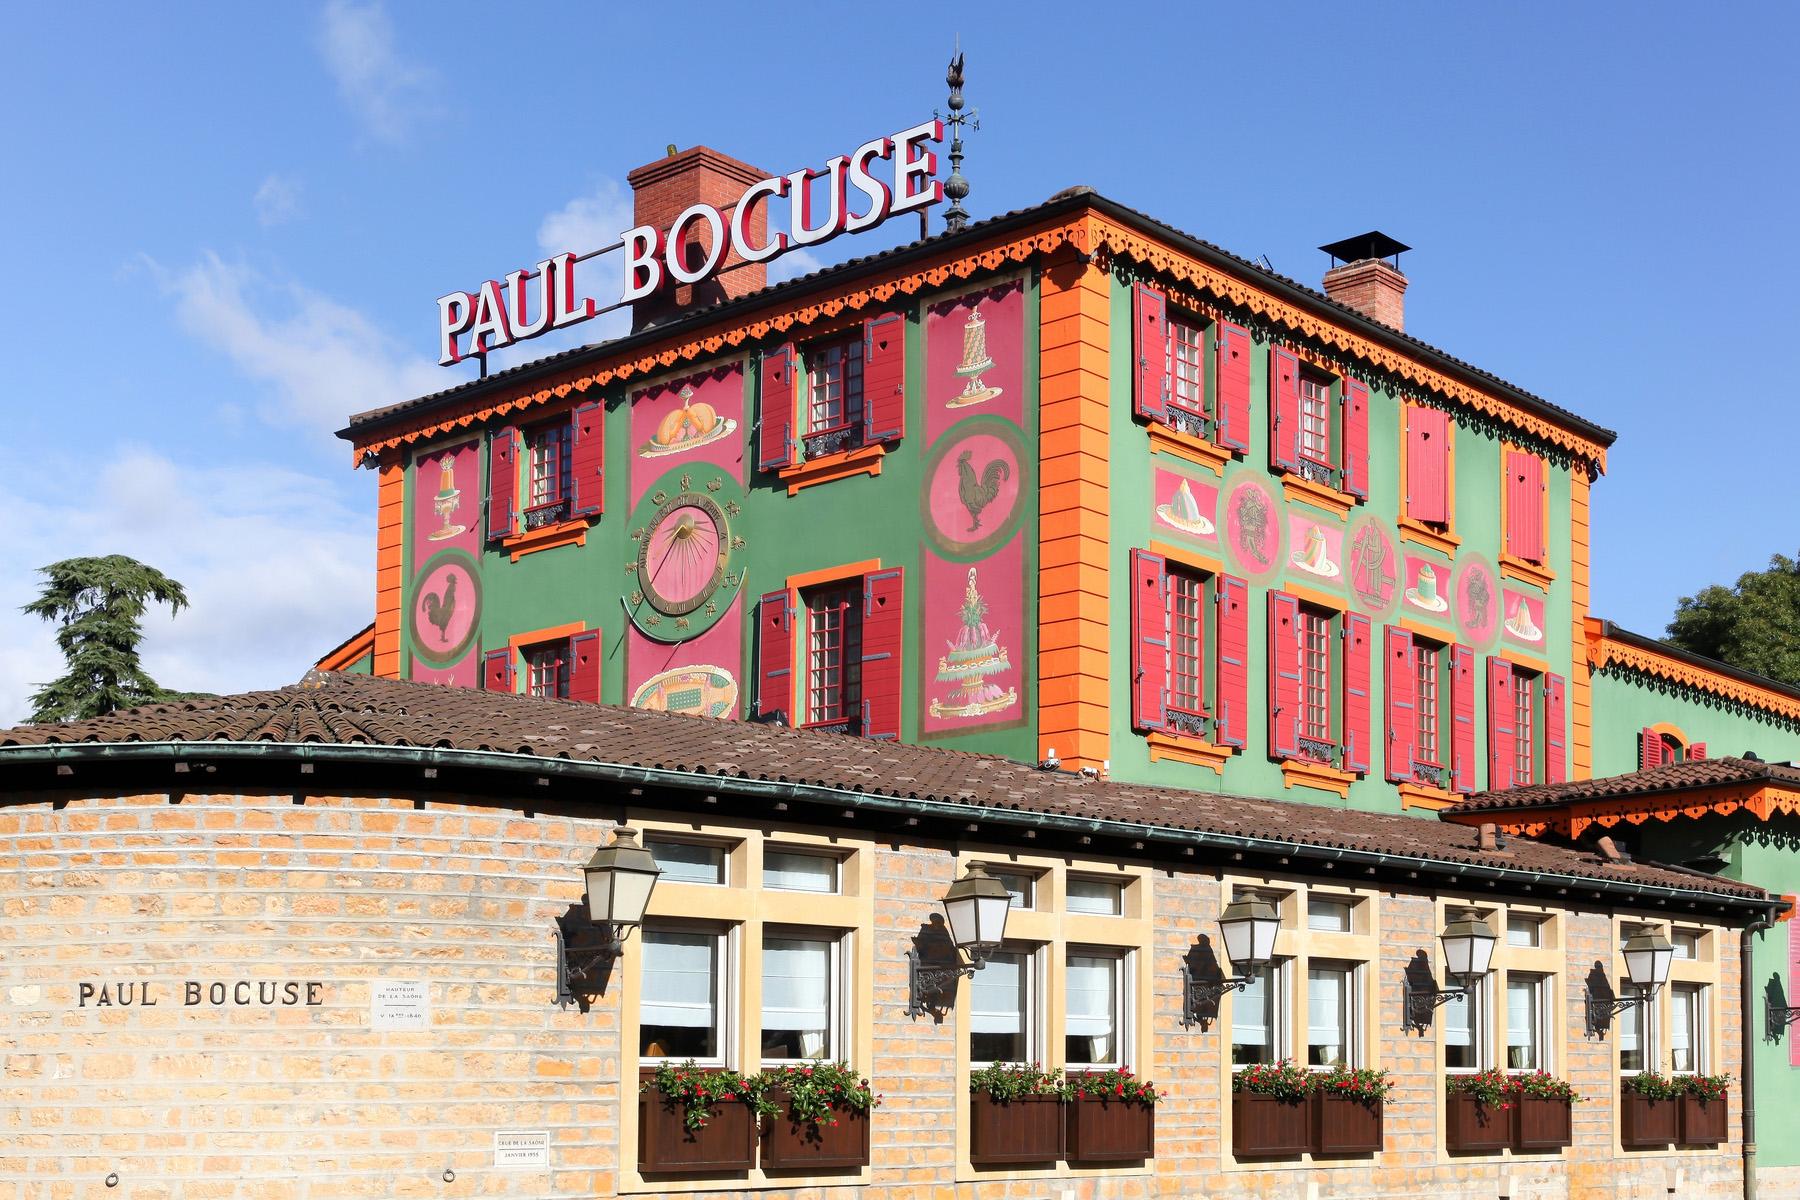 Restaurant Paul Bocuse in Lyon